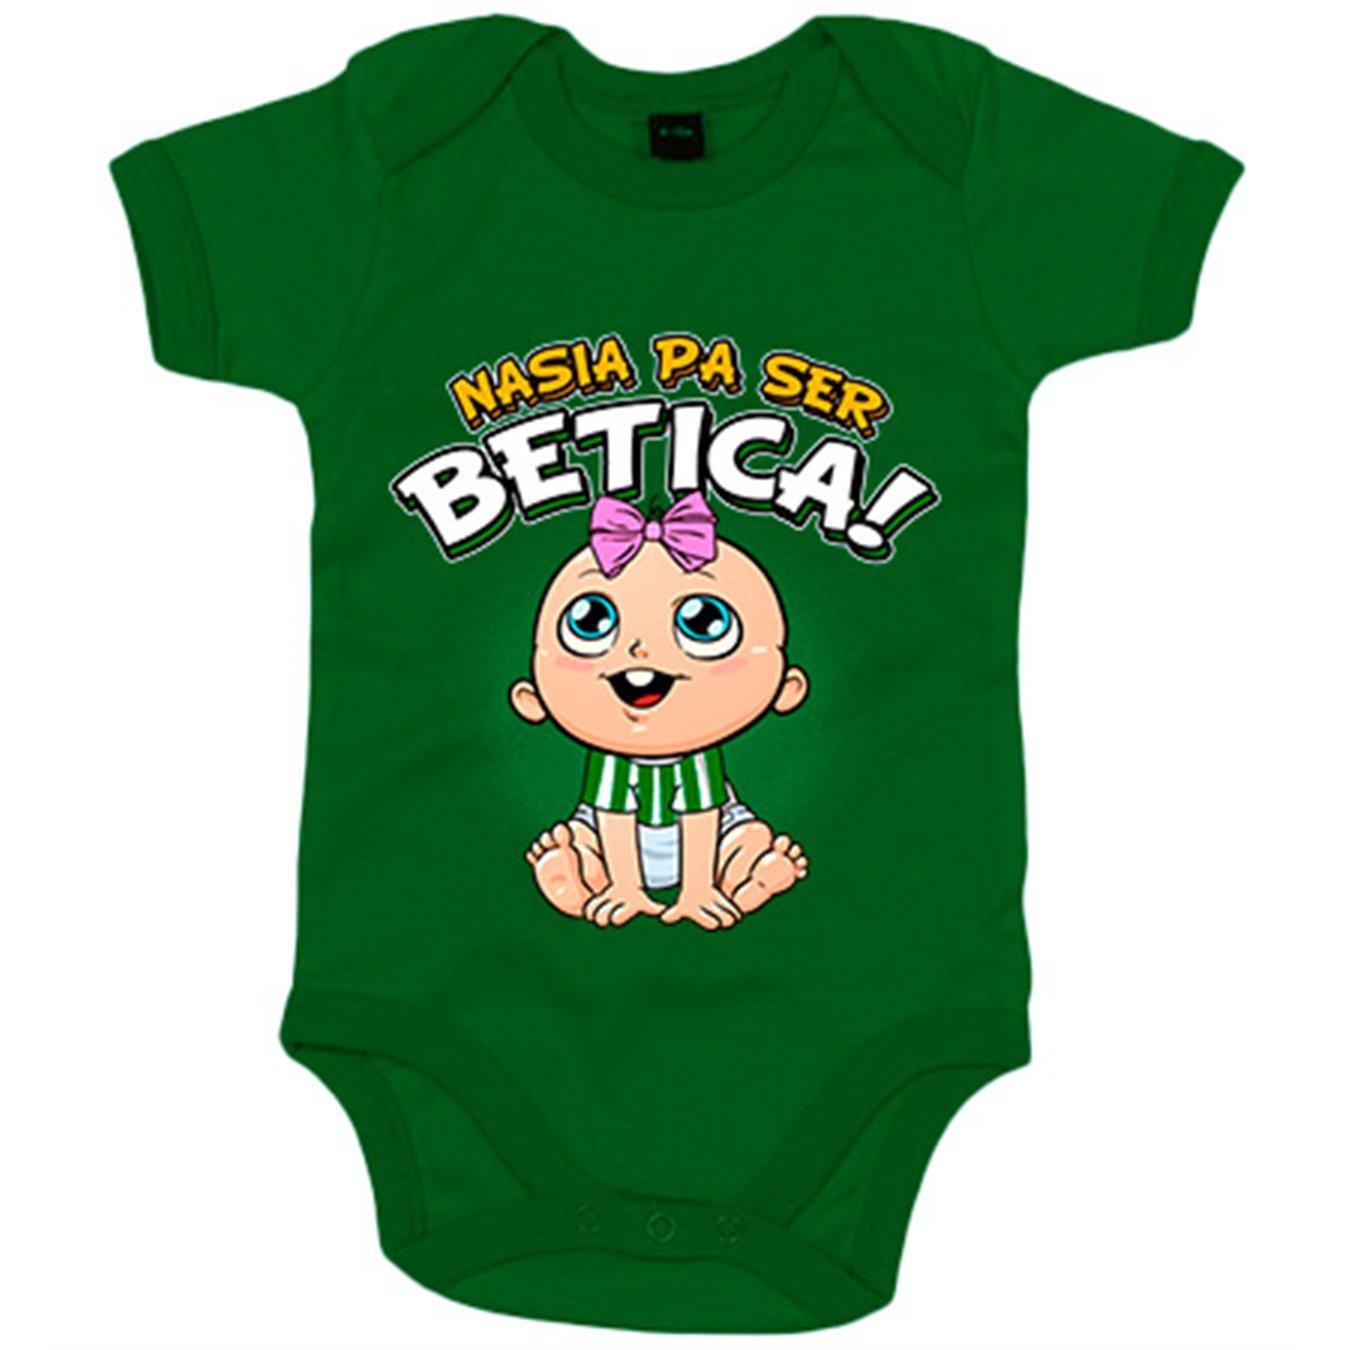 Body bebé nacida para ser Bética Betis fútbol - Blanco, 6-12 meses: Amazon.es: Bebé